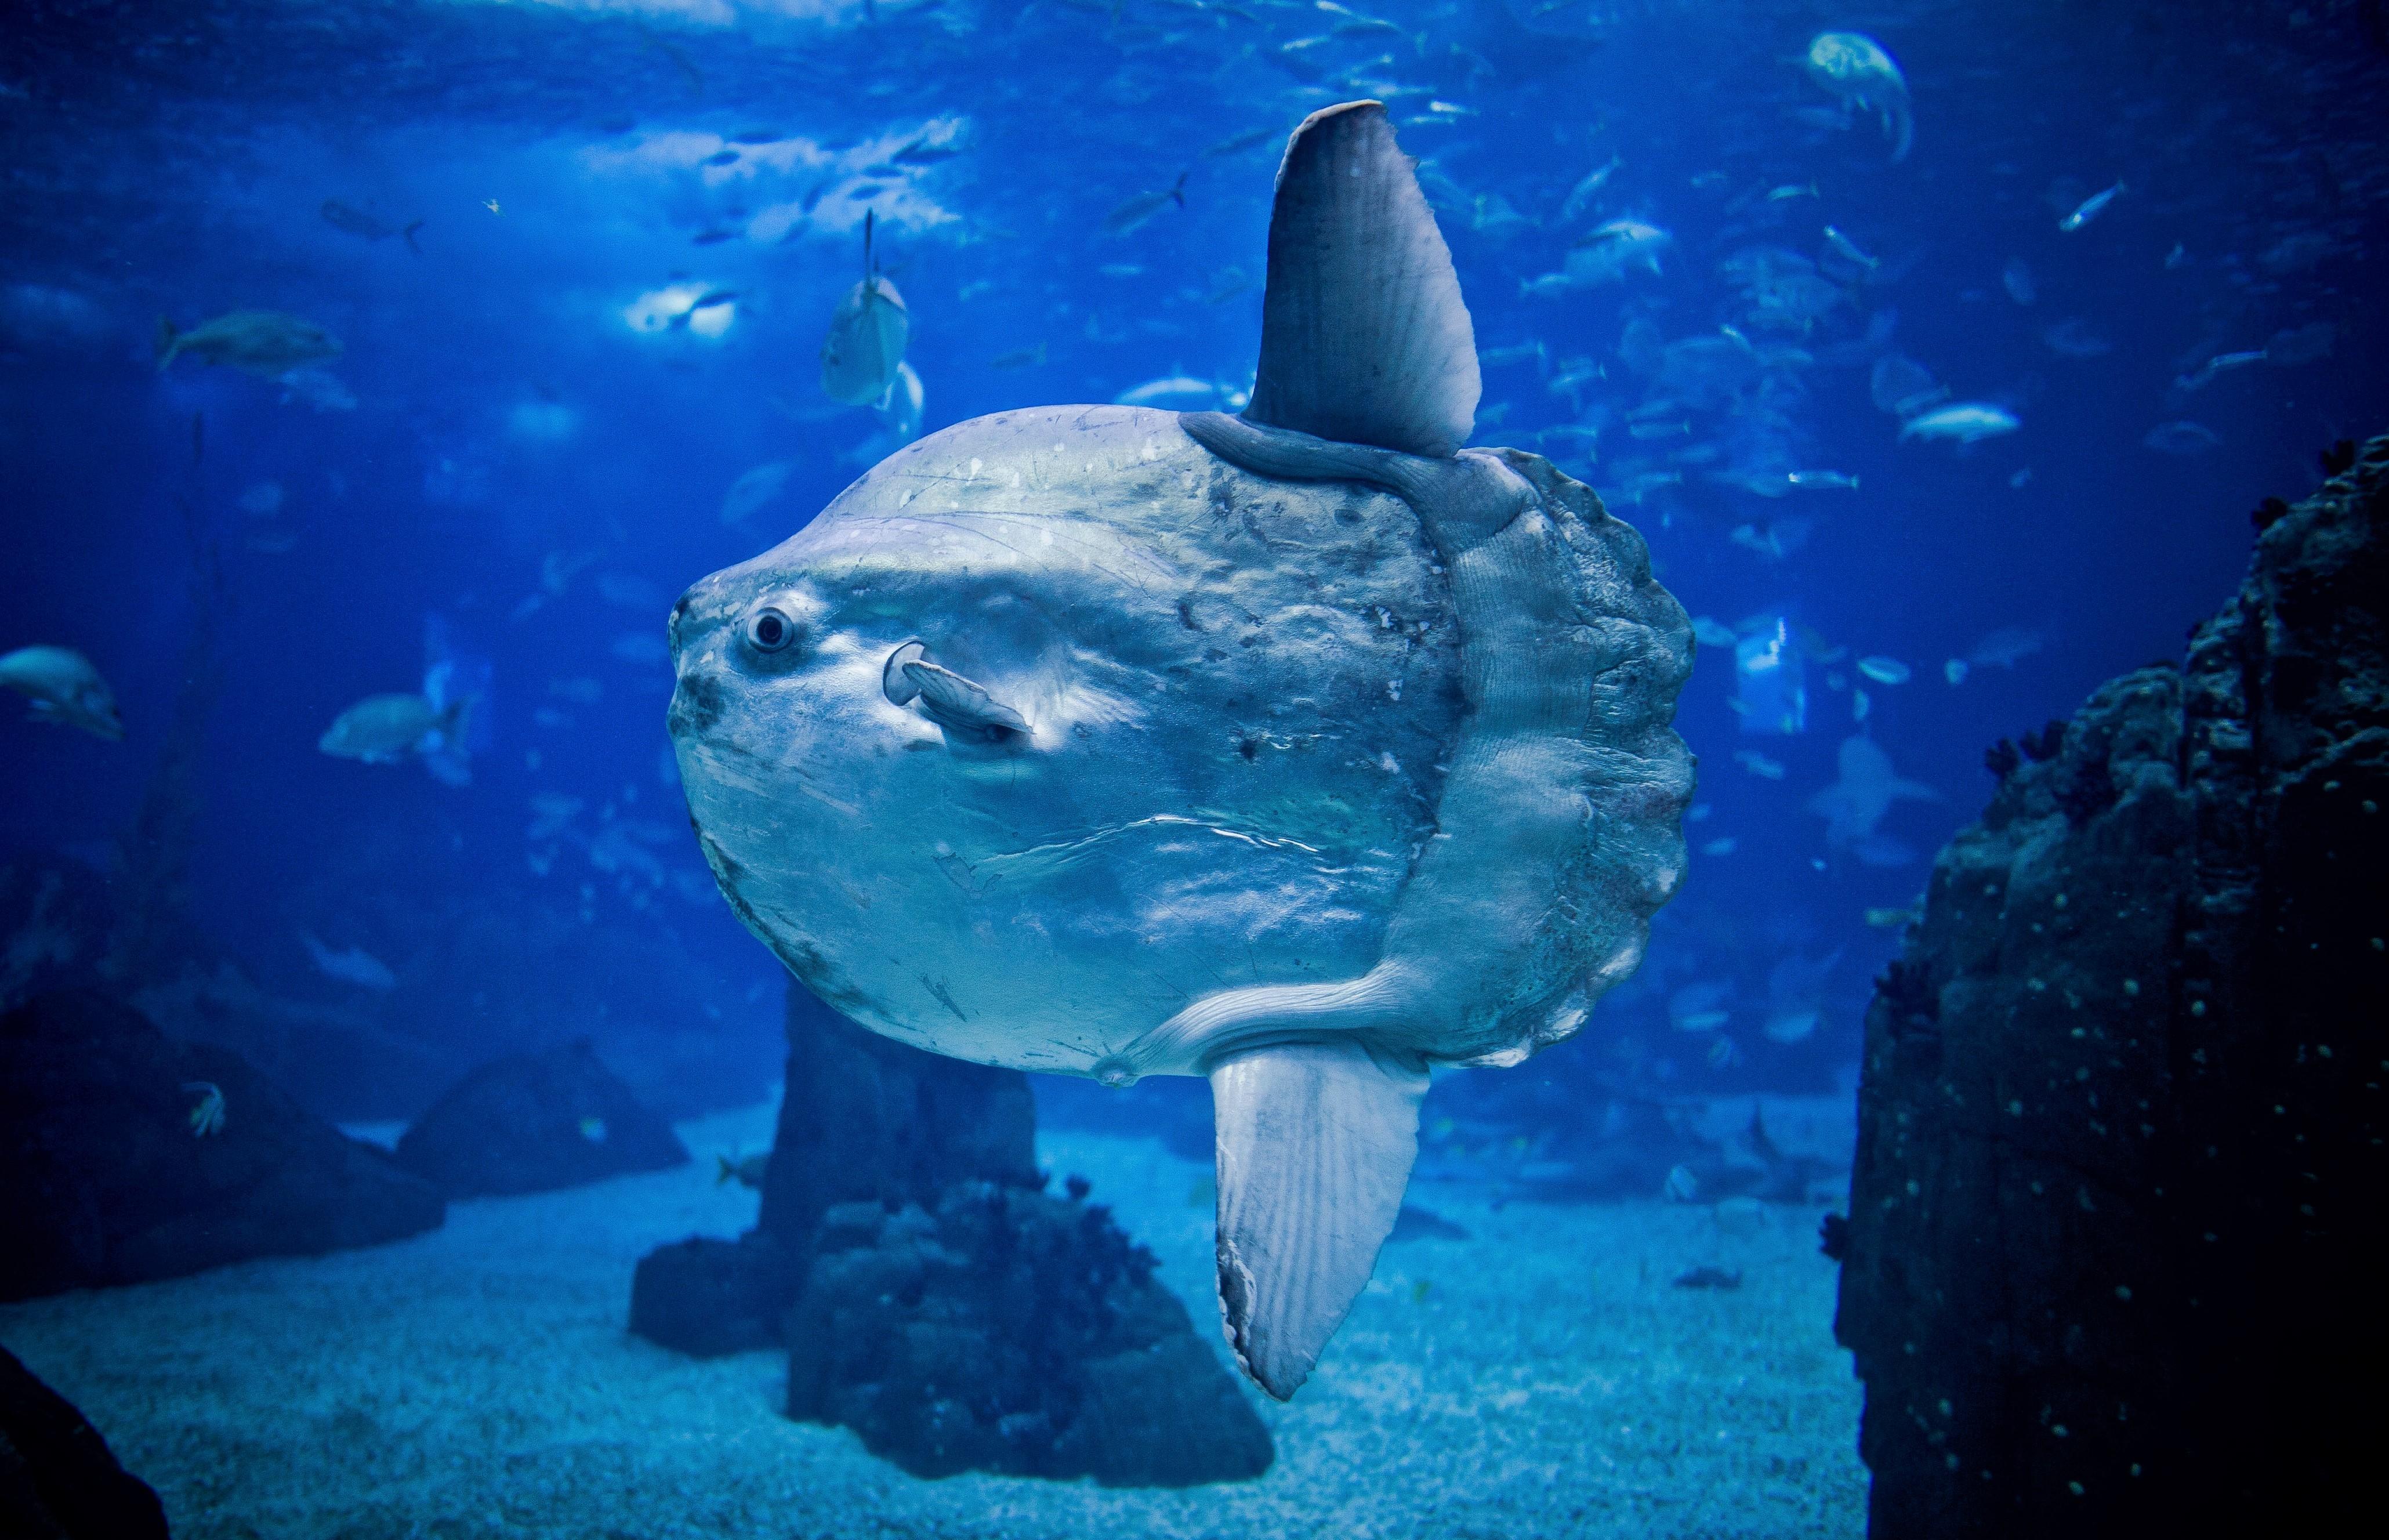 Рыба луна: описание, виды, ареал, питание, размножение, враги, фото и видео